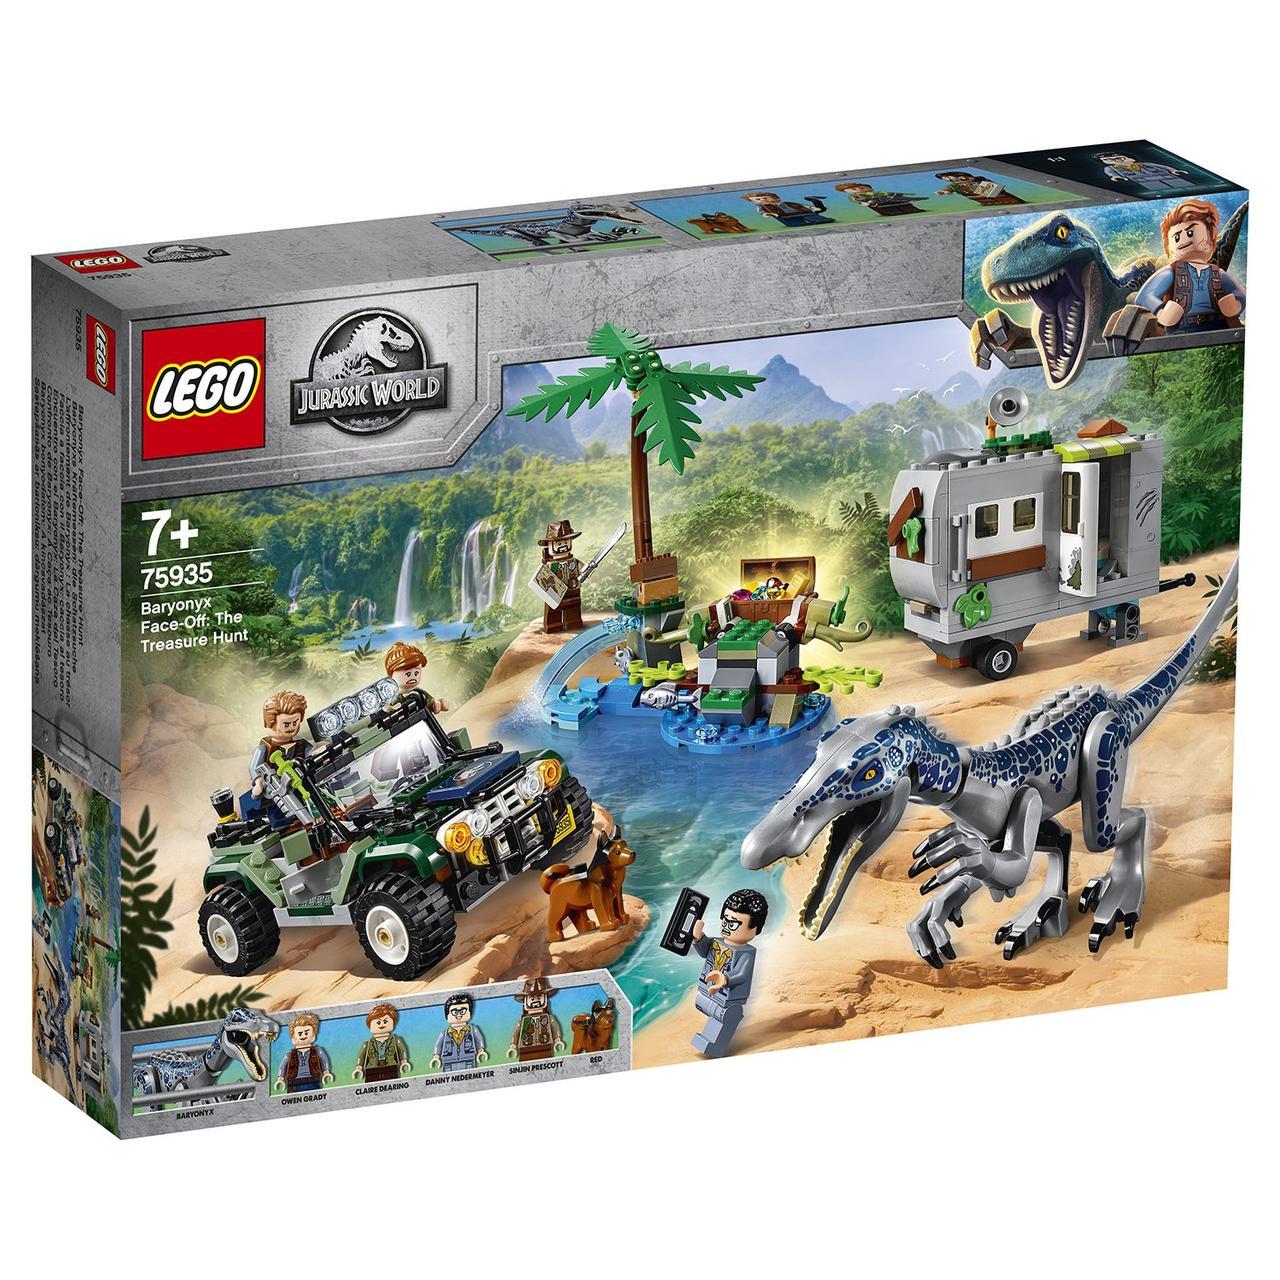 75935 Lego Jurassic World Поединок с бариониксом: охота за сокровищами, Лего Мир Юрского периода